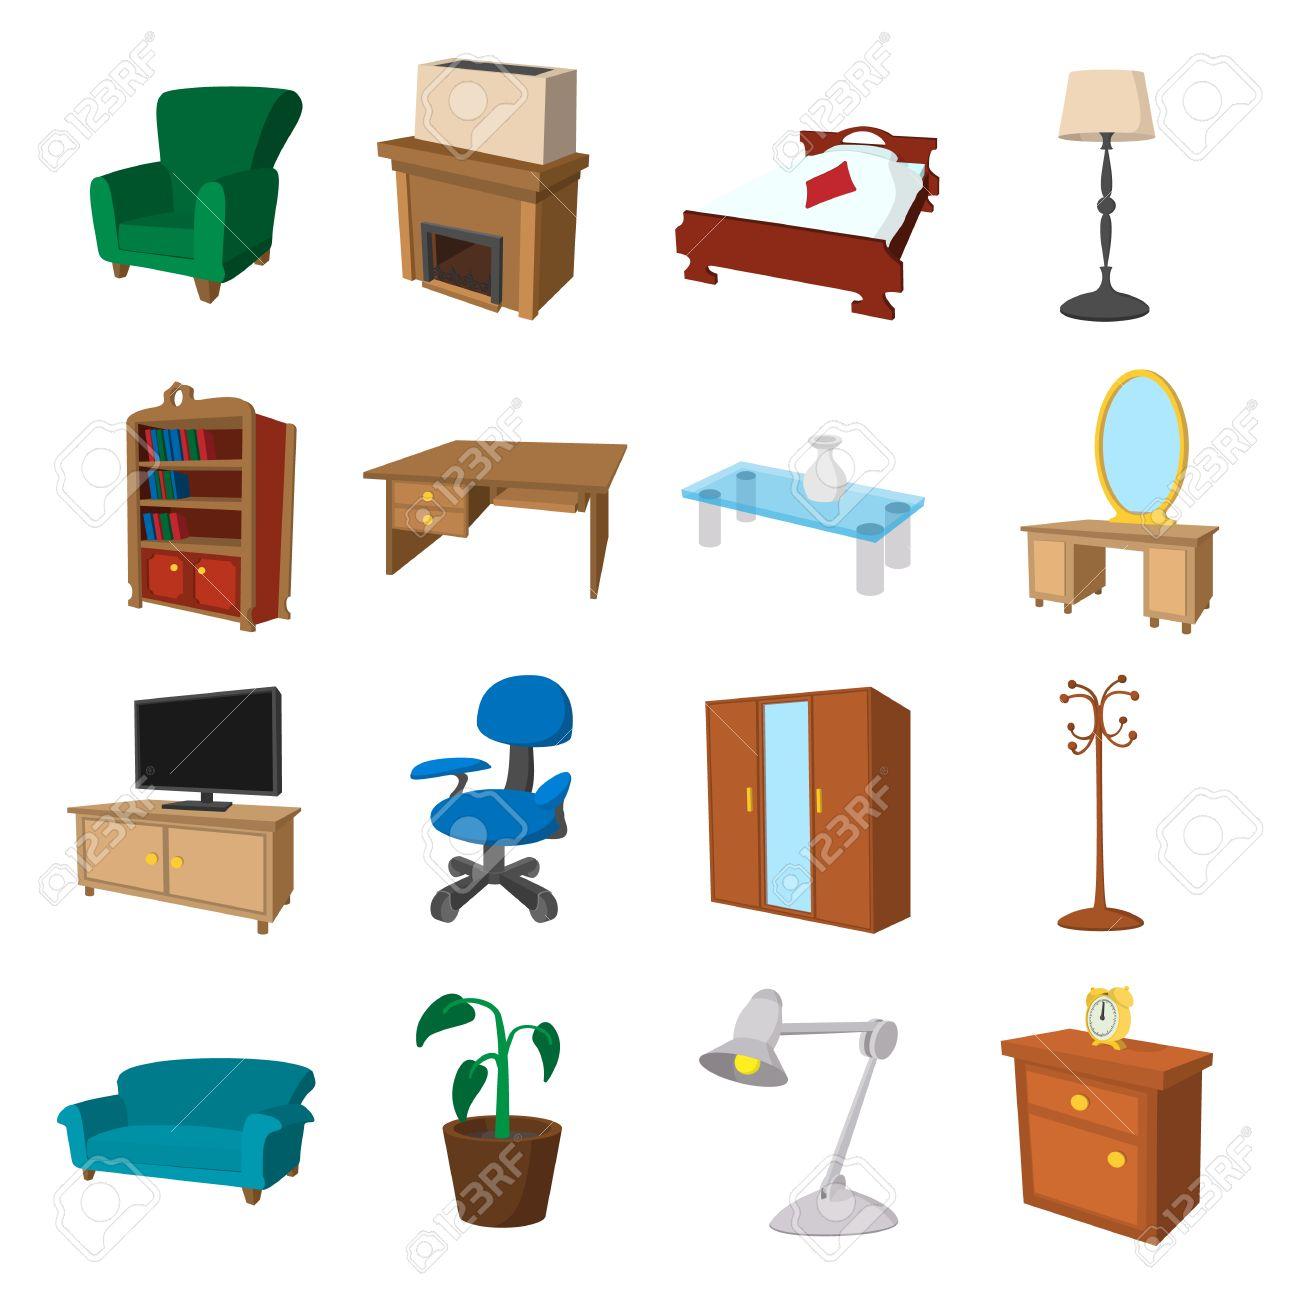 Sala De Estar Dibujo Latest Dibujo Moderna Sala De Estar Interior  # Muebles Dibujos Animados